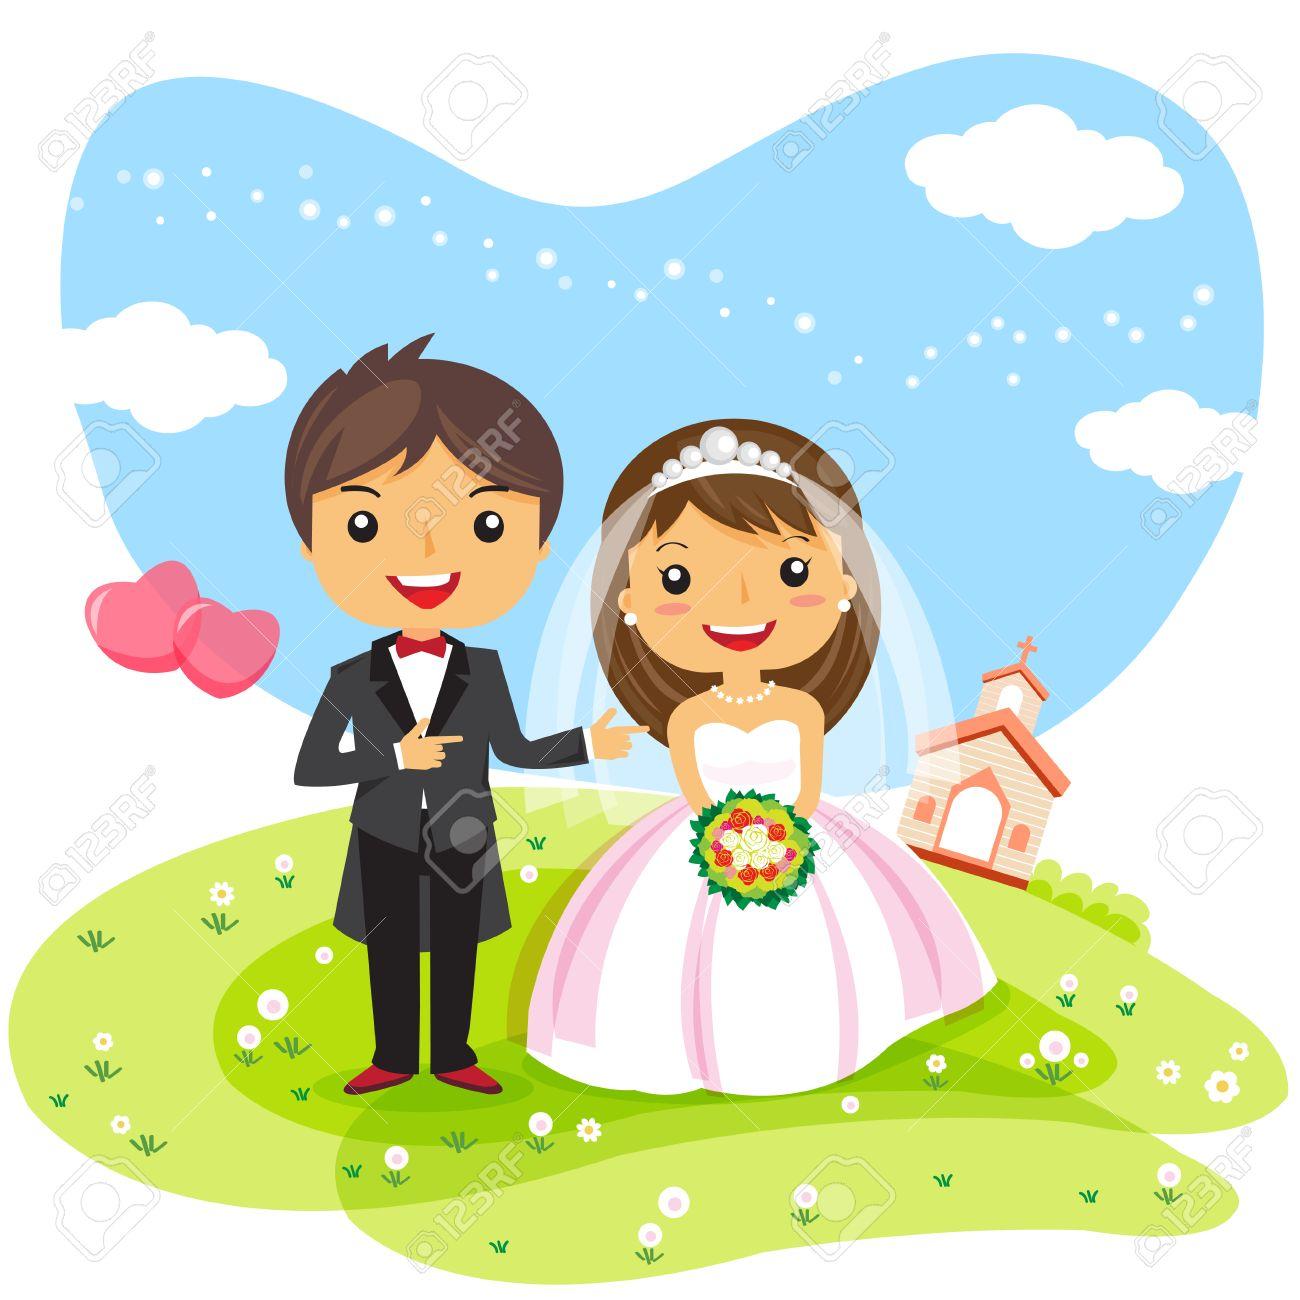 Foto de archivo , Pareja Invitación de boda de dibujos animados, diseño lindo personaje , ilustración vectorial